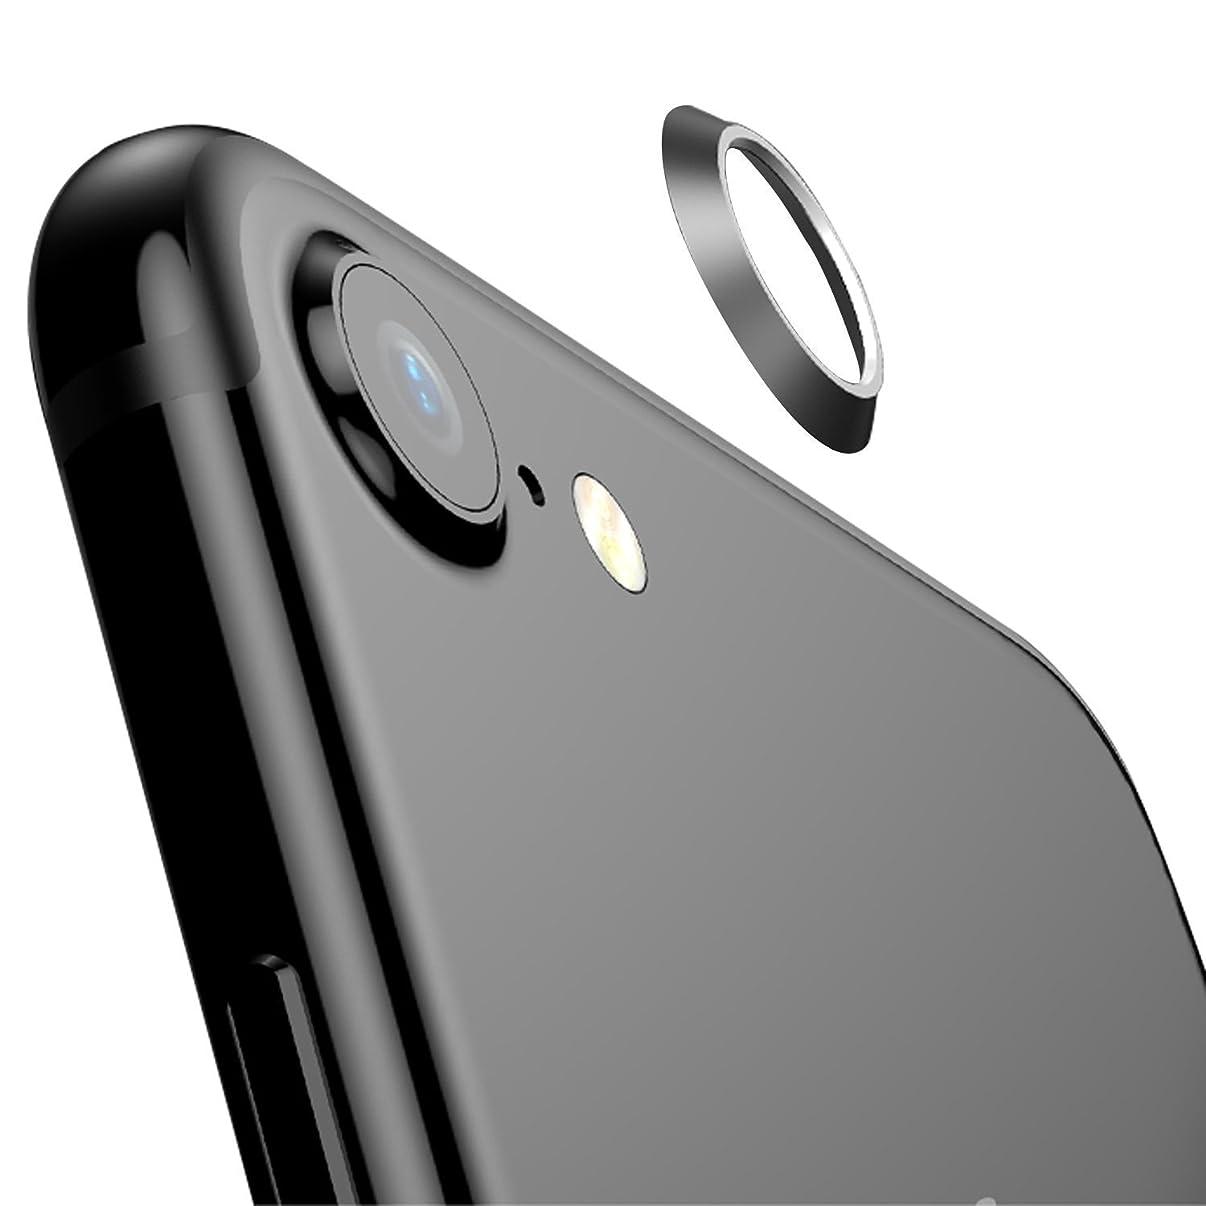 誇りに思う記念碑的な下線【2枚セット】 ElekFX iPhone8 / iPhone7 カメラレンズ保護リング レンズ保護リング レンズガード アルミ 合金素材 傷防止 一体感抜群 アイフォン8/アイフォン7対応(黒)